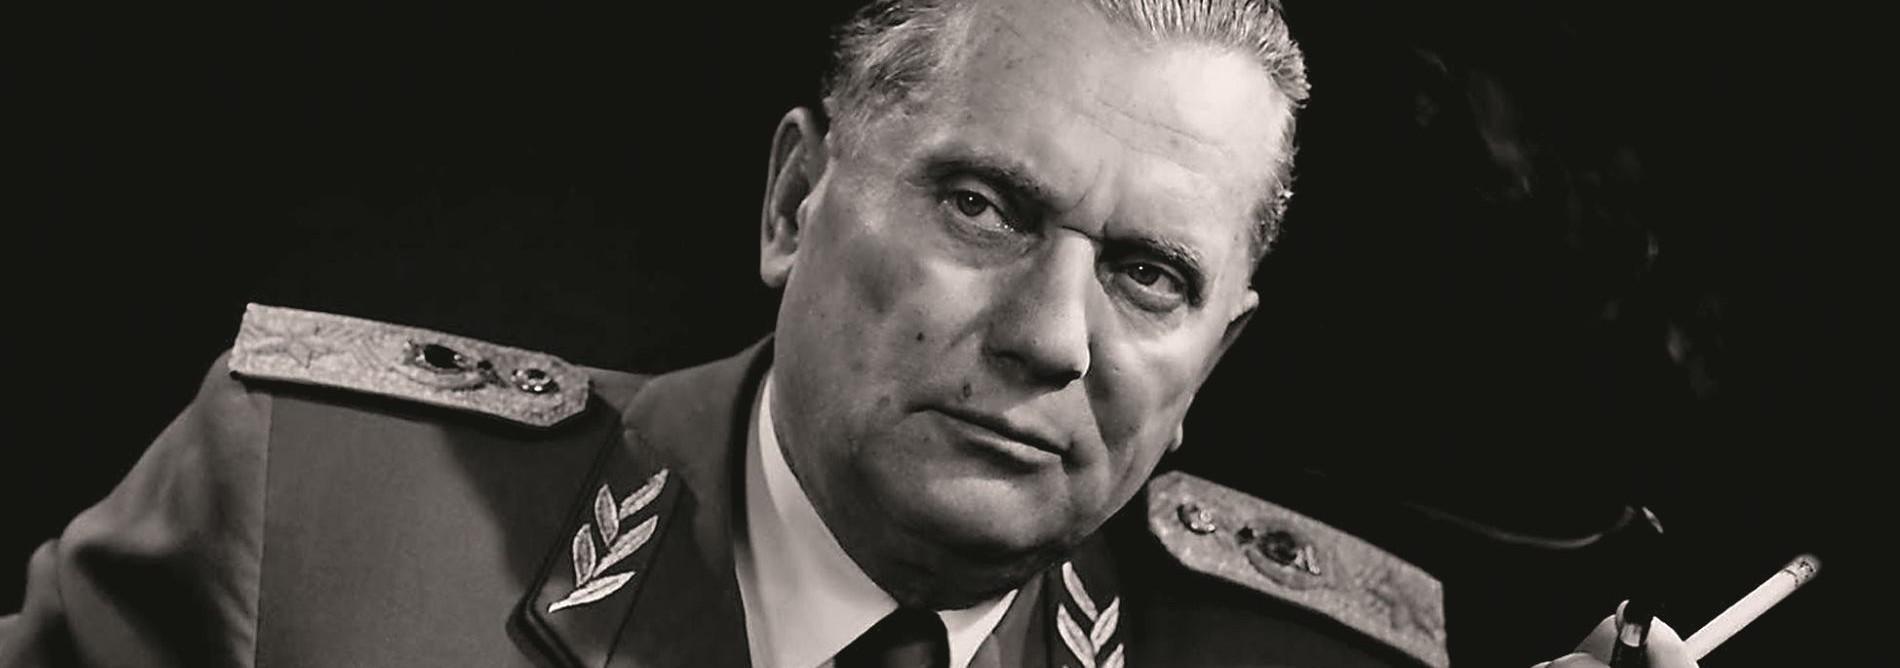 FELJTON Kako je Tito u Zagrebu dočekao uspostavu NDH